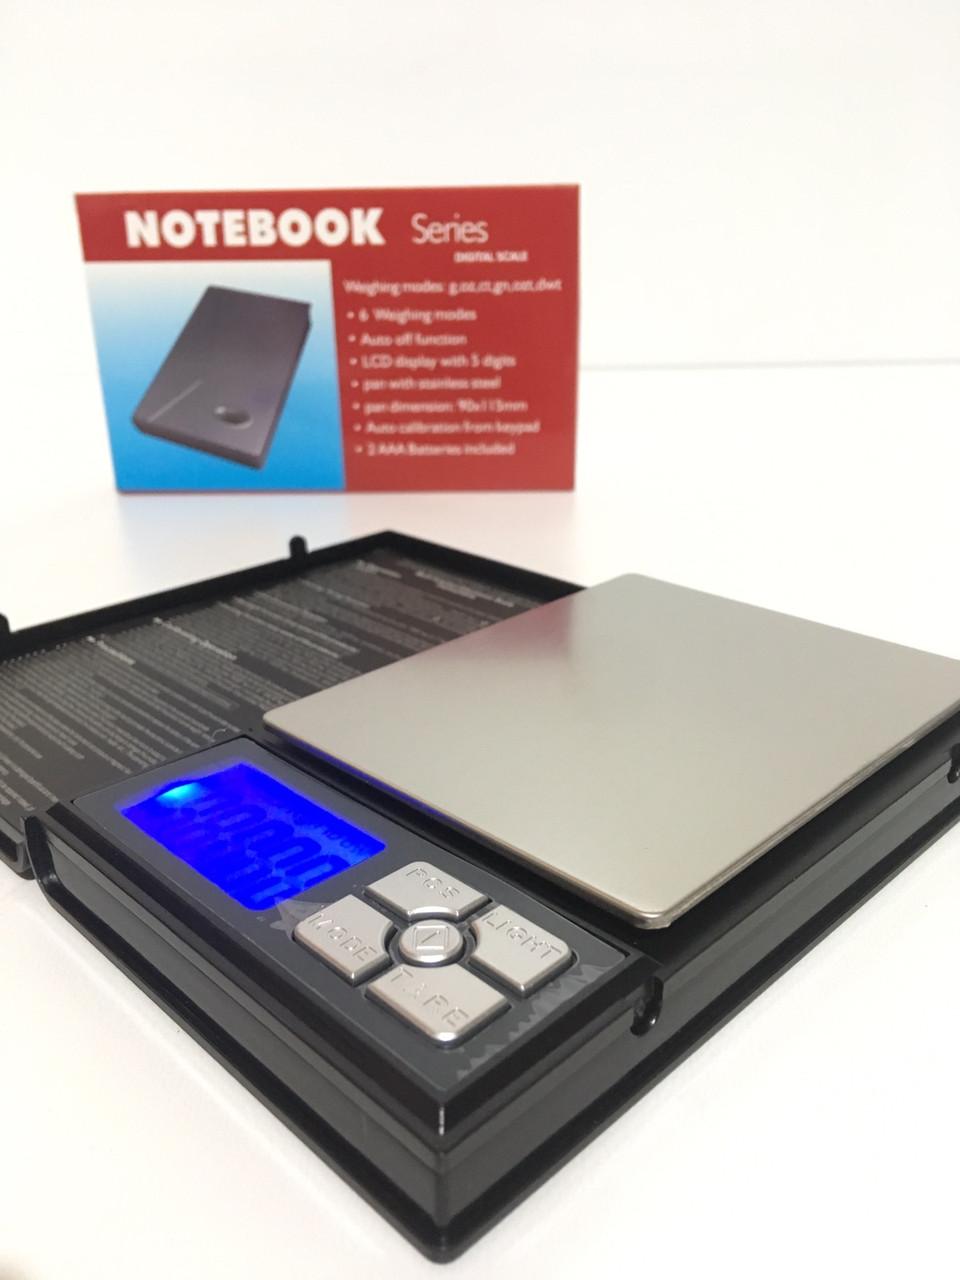 Весы ювелирные NOTEBOOK VS-1108-5/2151/ 500gr-001 (50 шт/ящ)